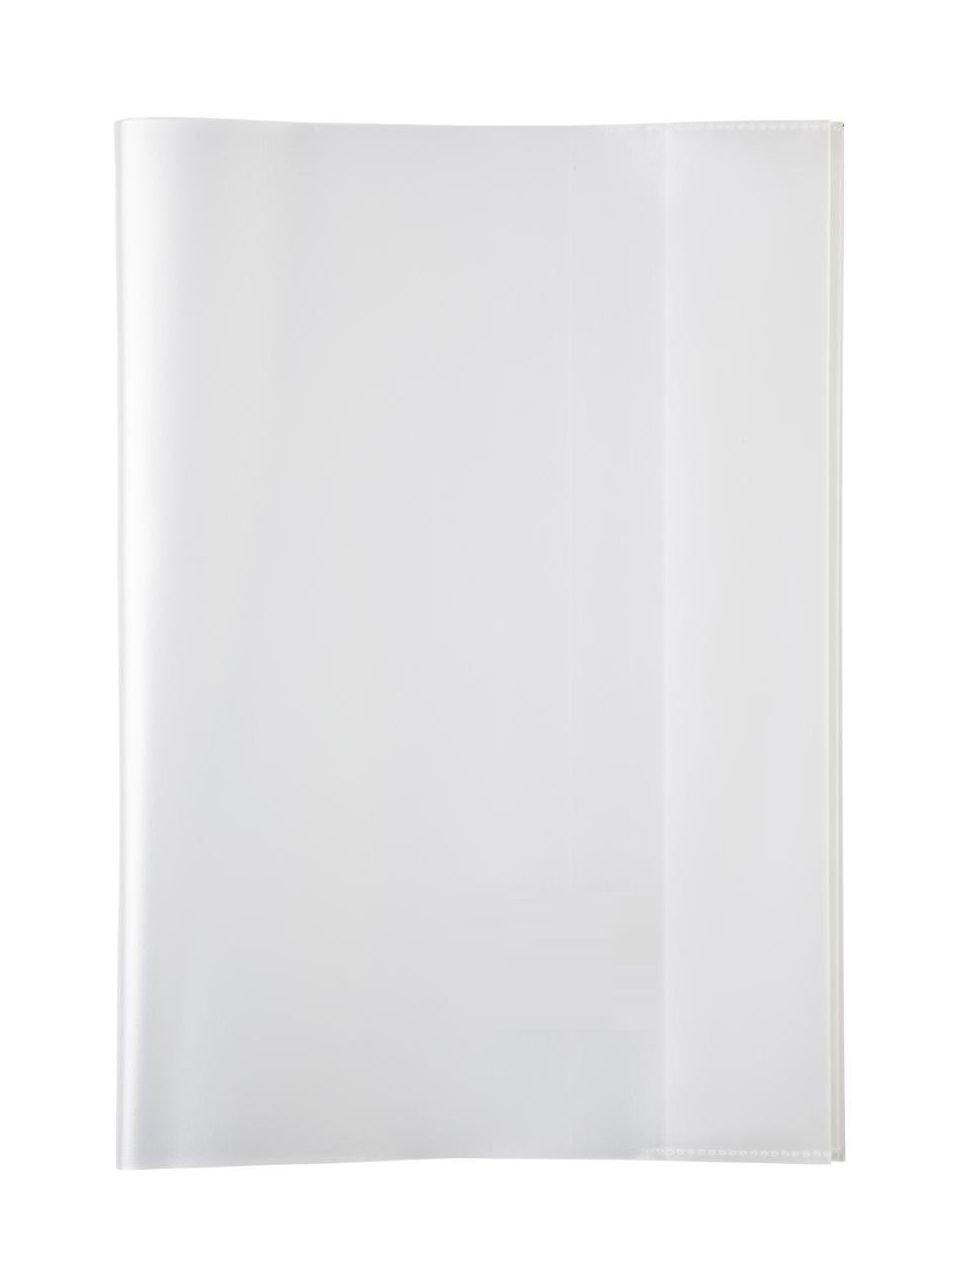 LANDRE 100420093 Heft-Hüllen 25 Stück DIN A5 rot-transparent, Heft-Umschlag flexibel & abwischbar, Buch-Schoner mit Einband, Schutz-Hülle für Arbeits- & Schulhefte Hamelin GmbH